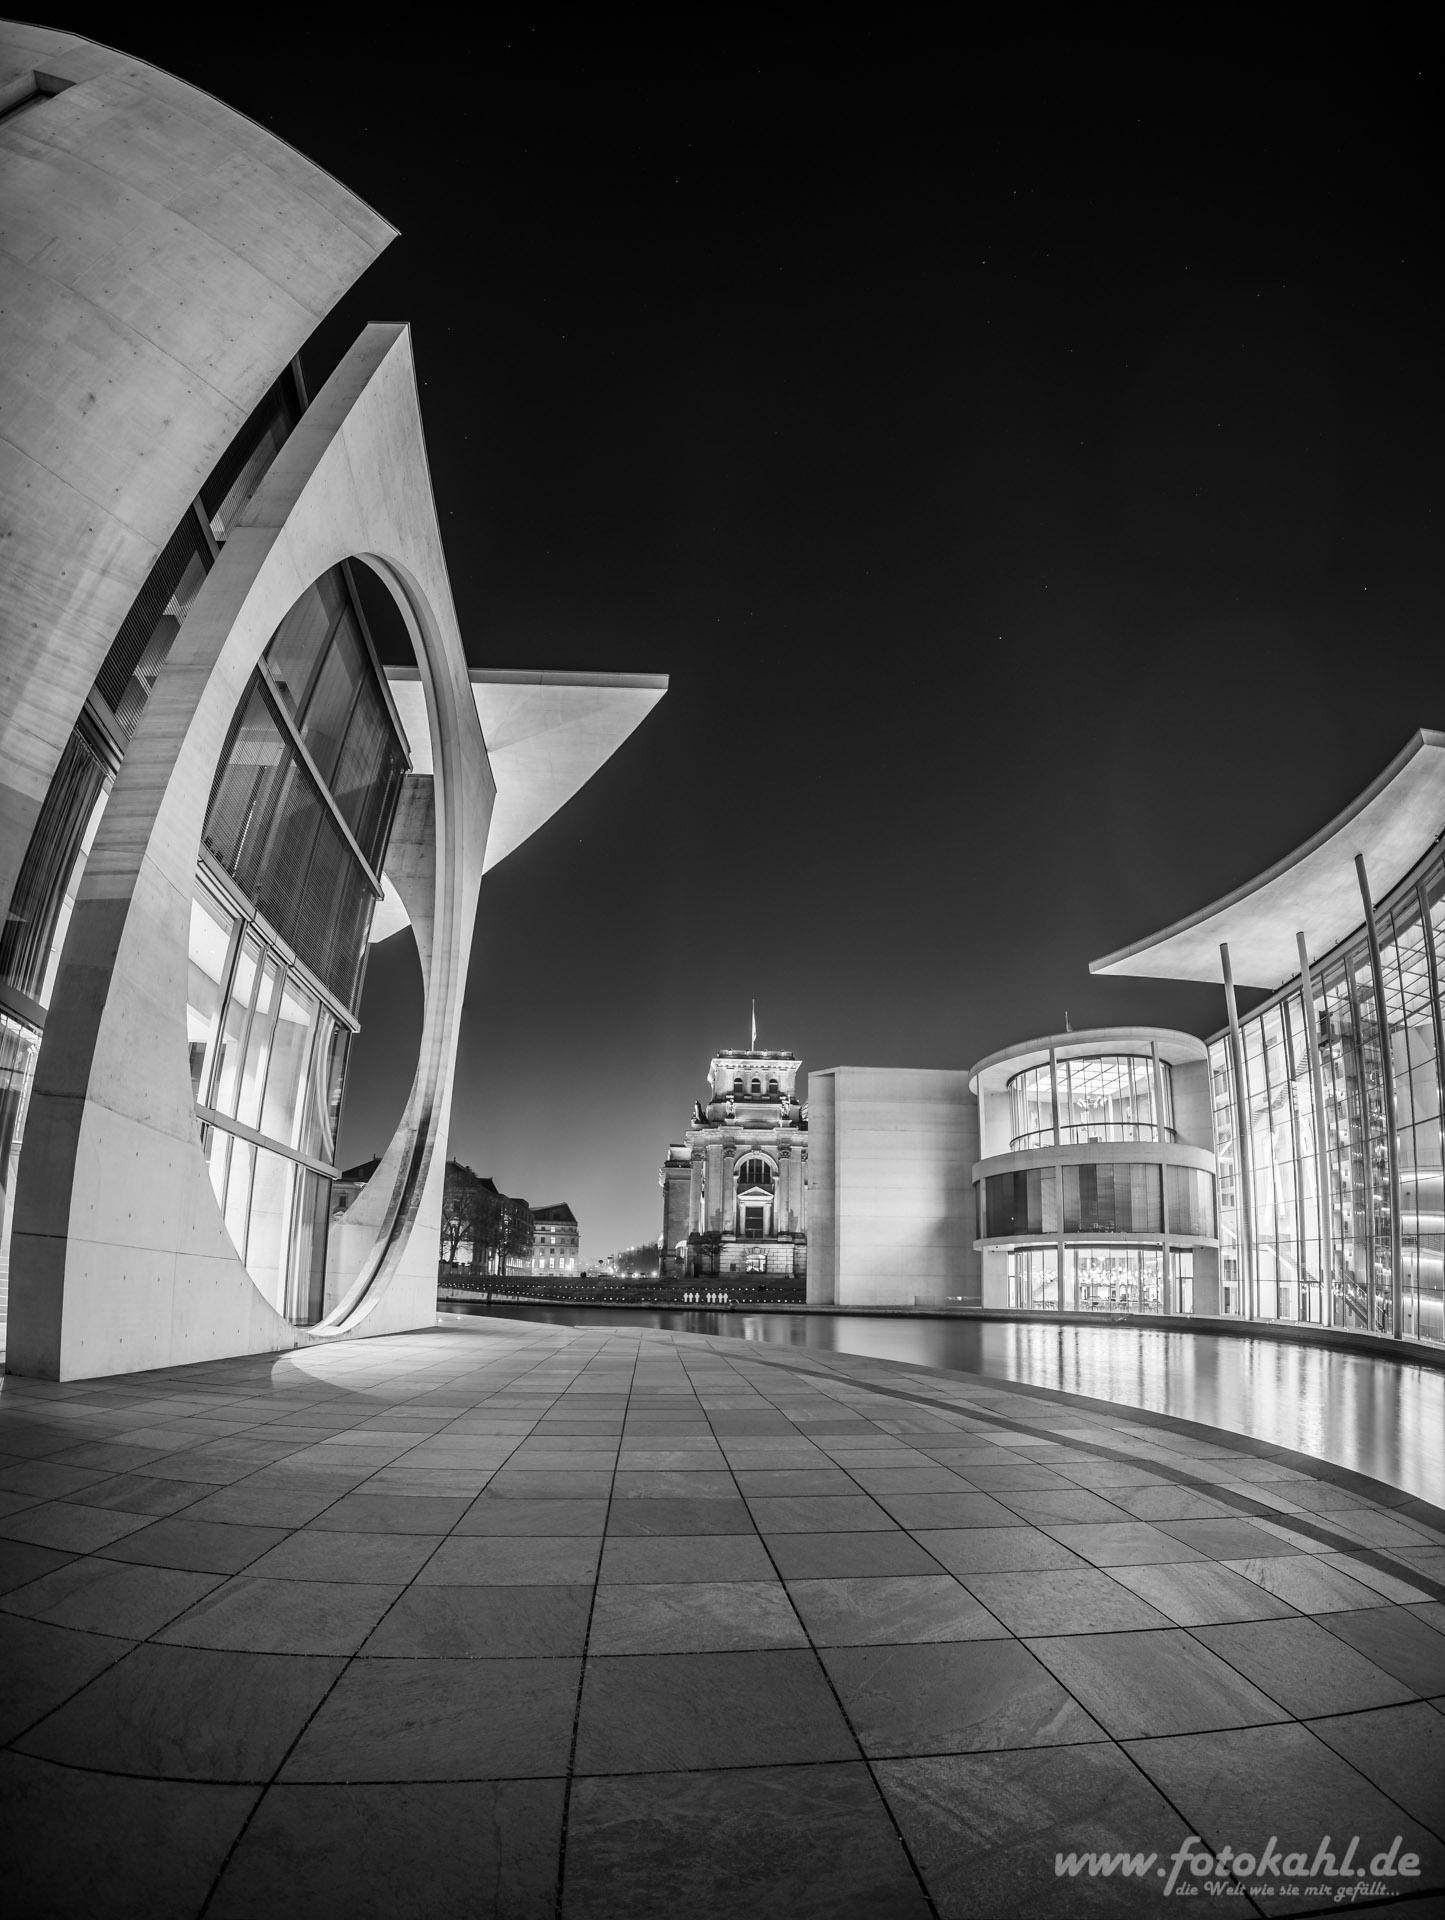 Marie-Elisabeth-Lüders-Haus / Reichstag / Paul-Löbe-Haus